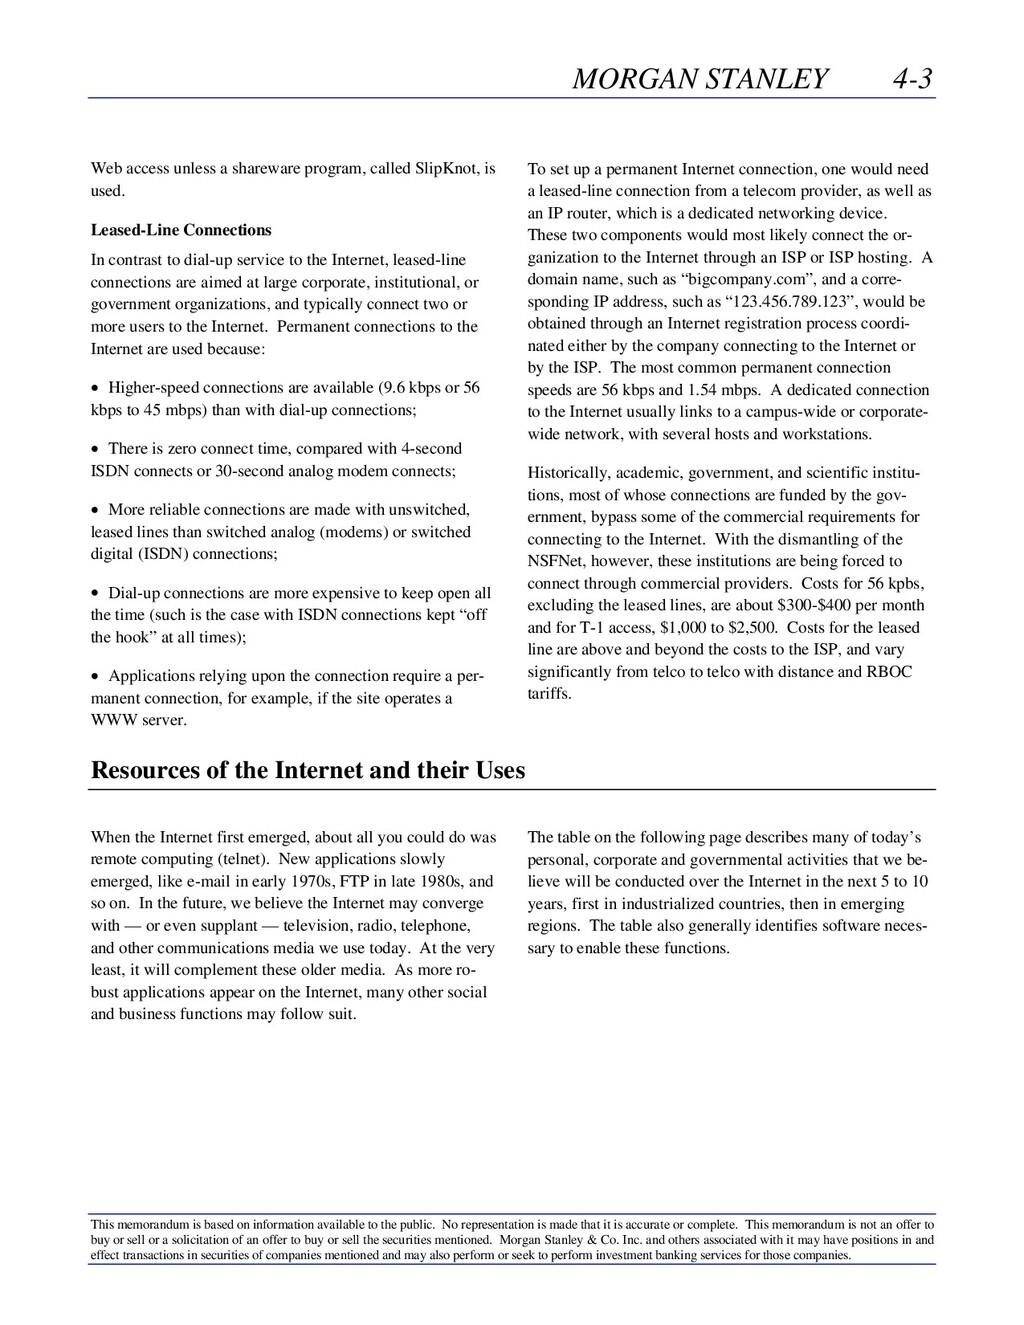 MORGAN STANLEY 4-3 This memorandum is based on ...